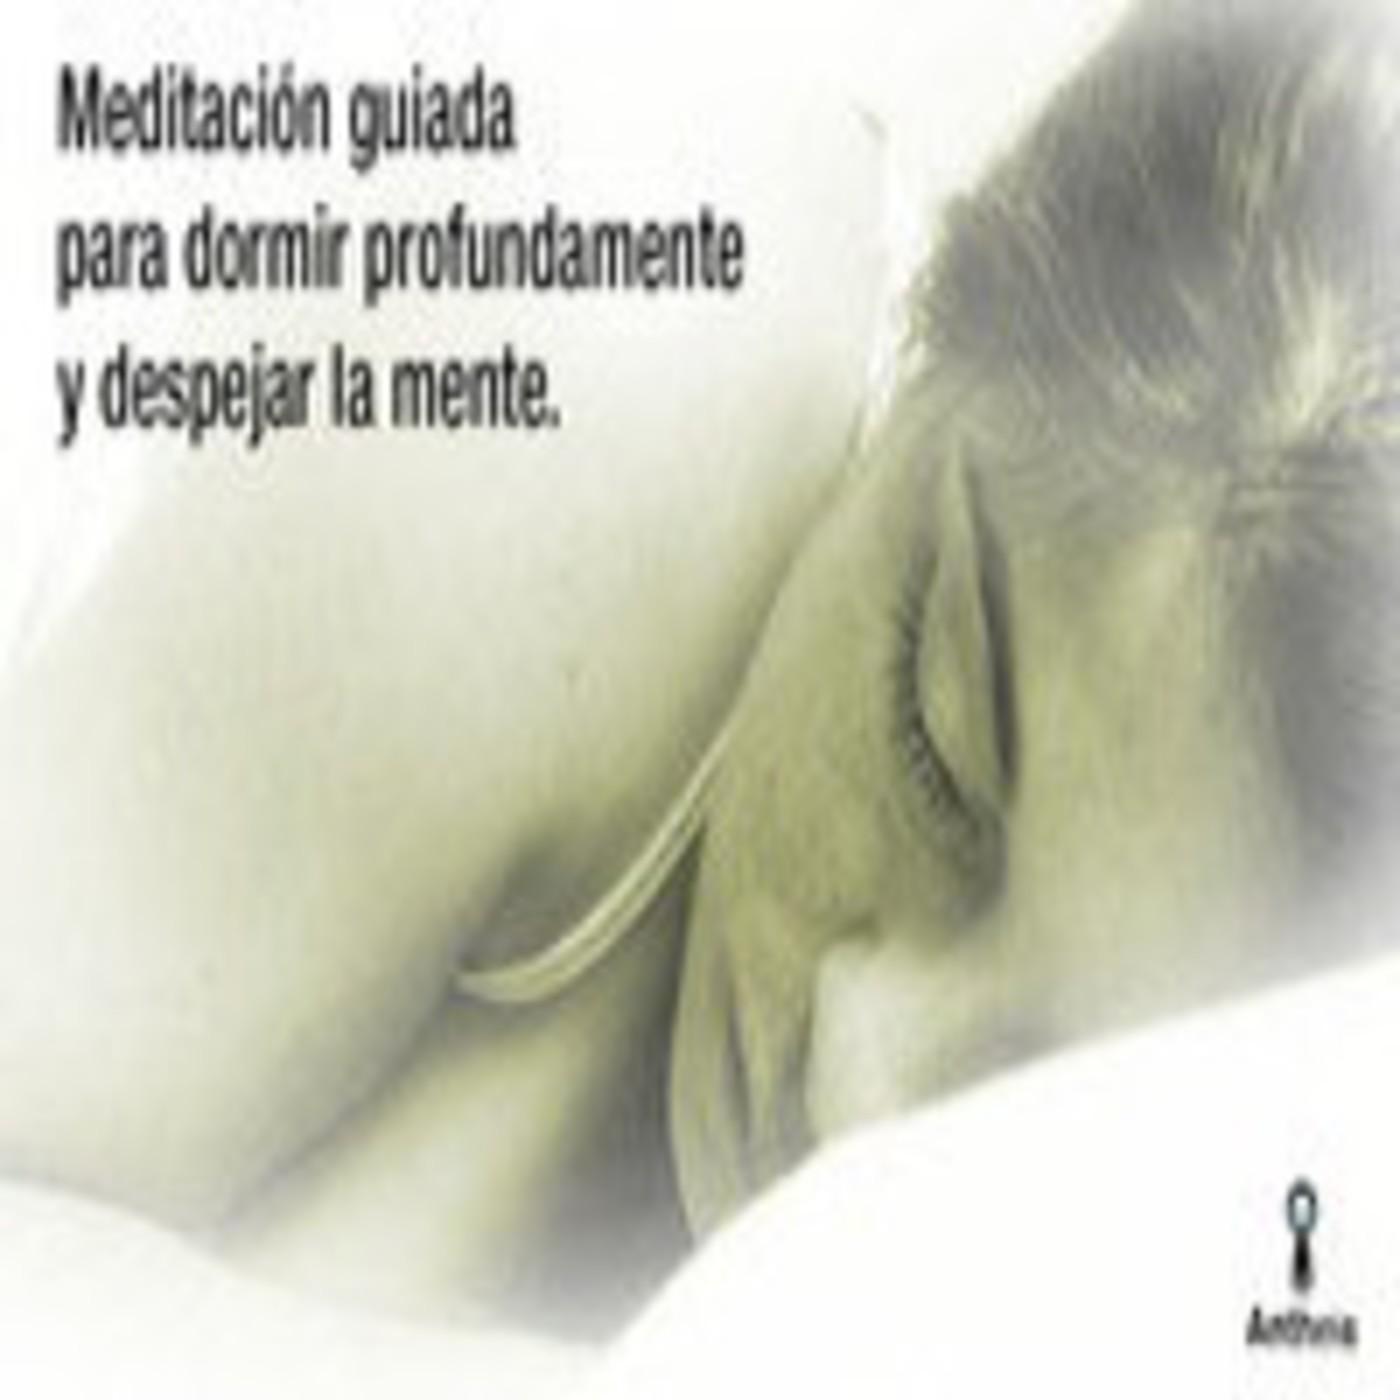 Meditaci n guiada para dormir profundamente y despejar la for Meditacion paz interior